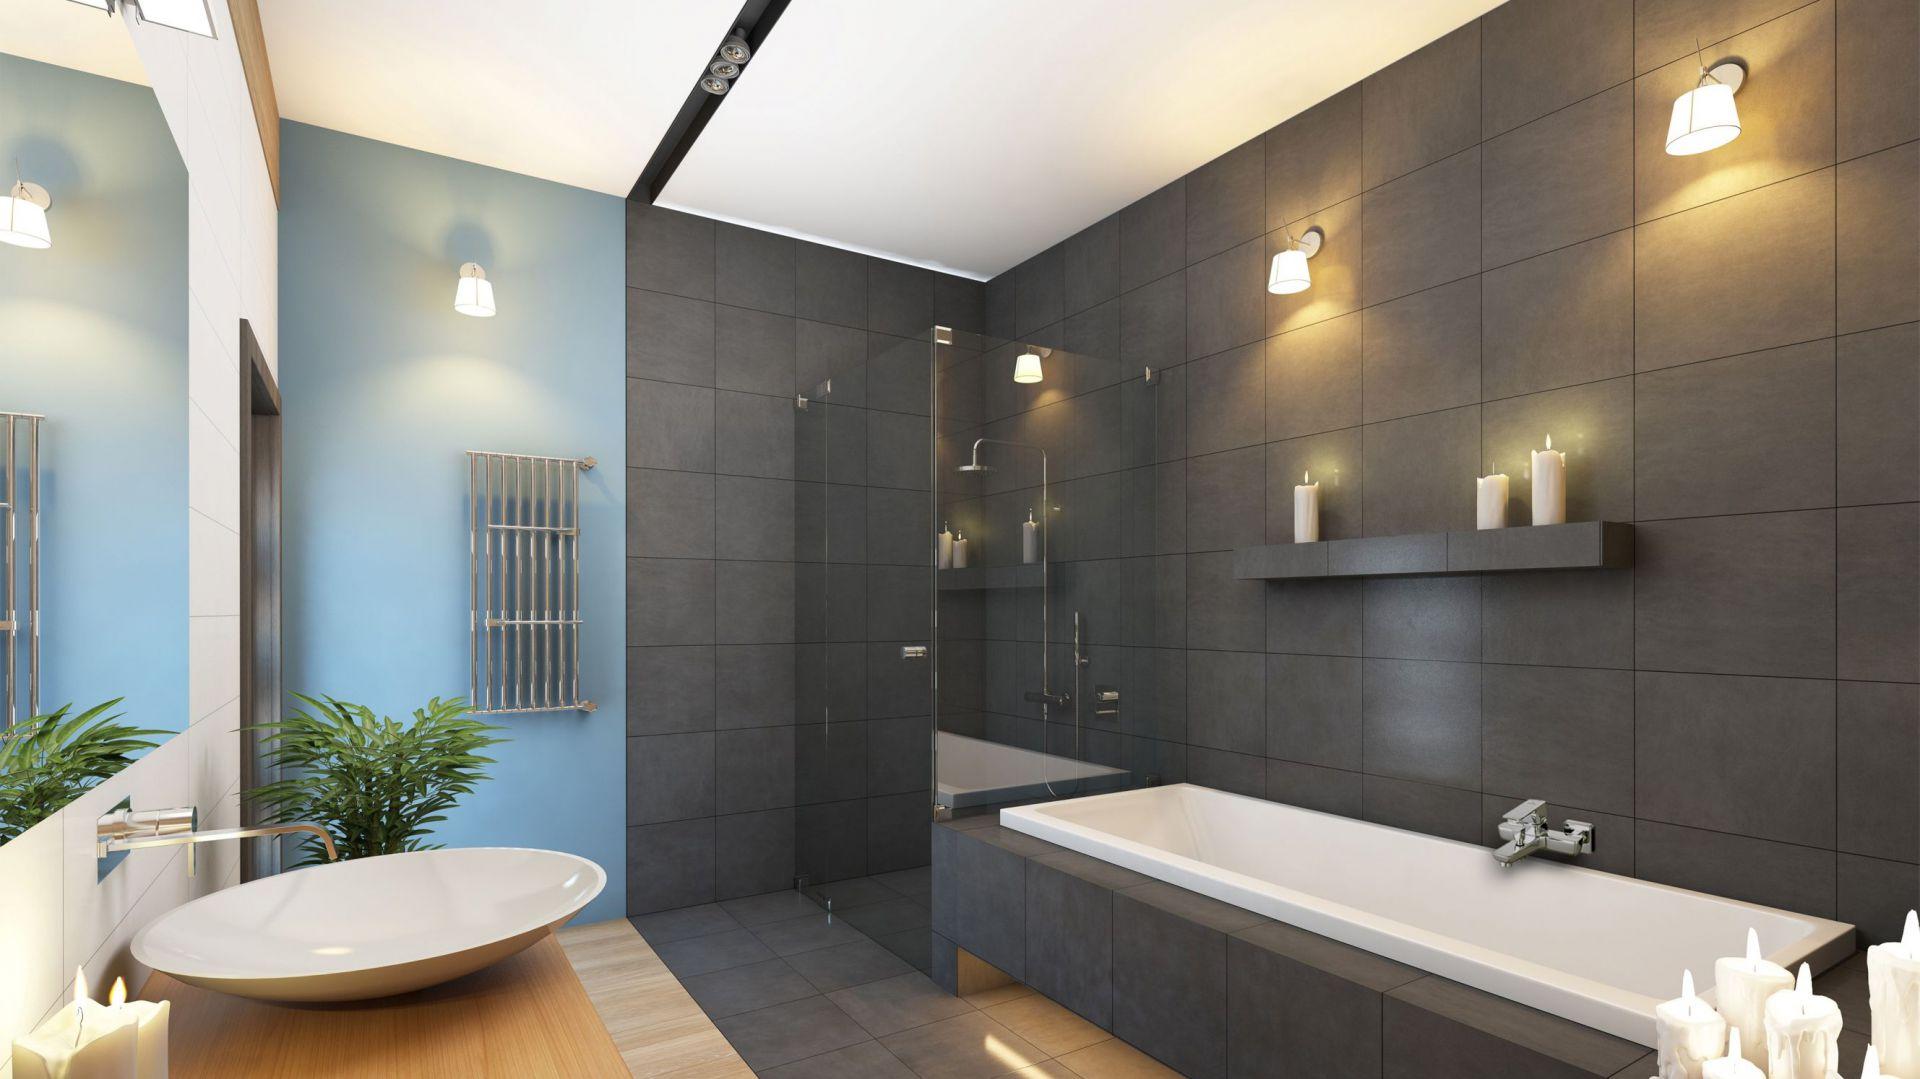 Aranżacja nowoczesnej łazienki: bateria wannowa Nyks. Fot. invena